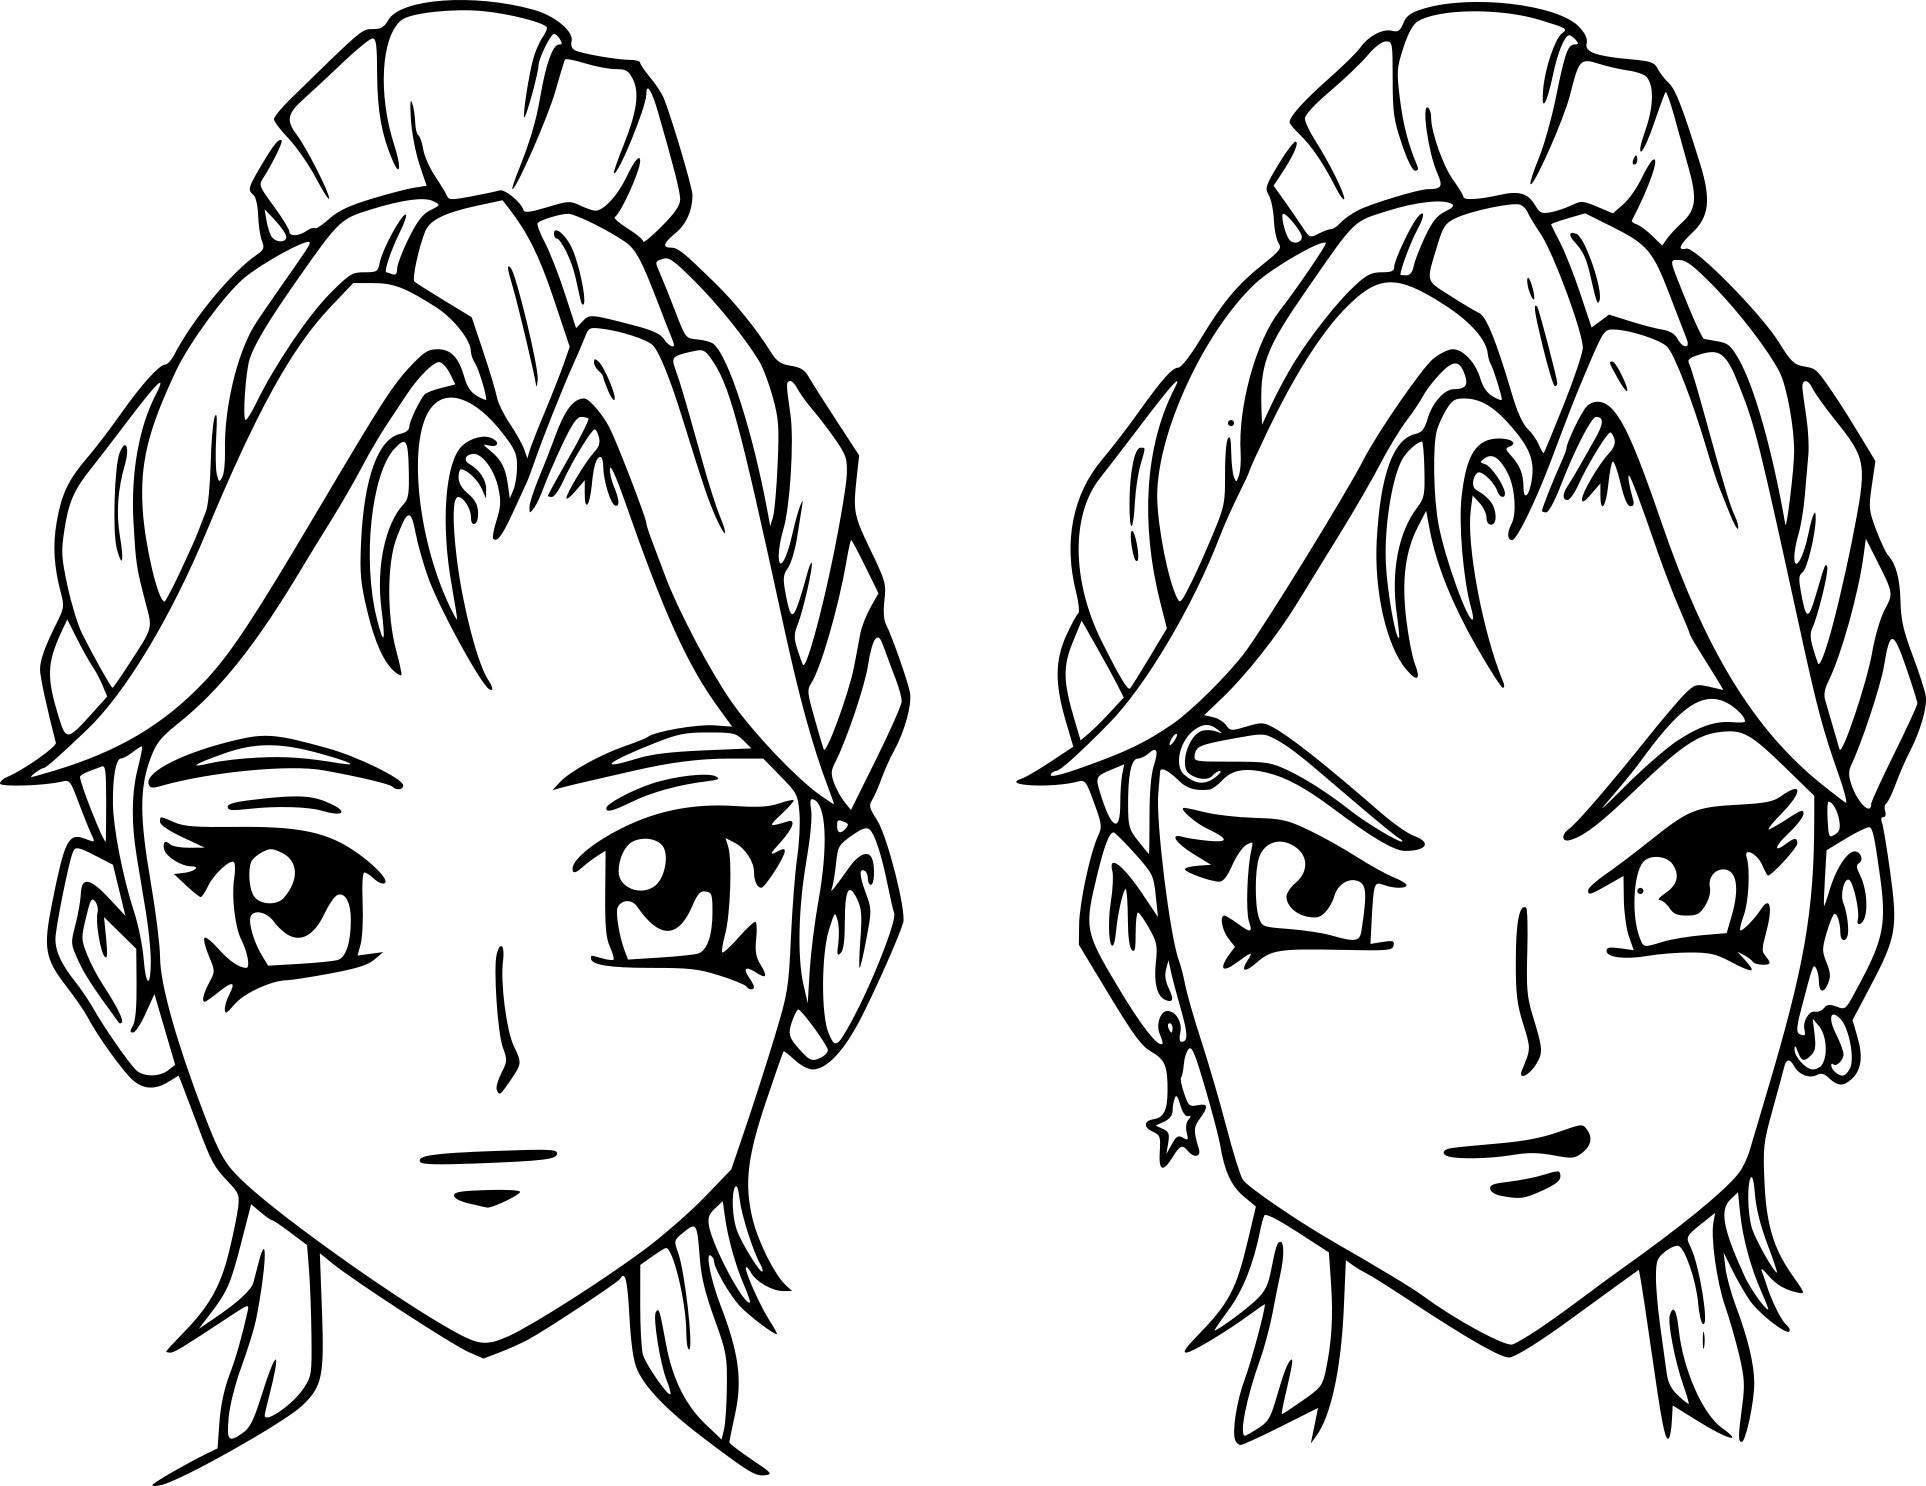 Coloriage Visage Fille Manga À Imprimer Sur Coloriages destiné Visage À Colorier